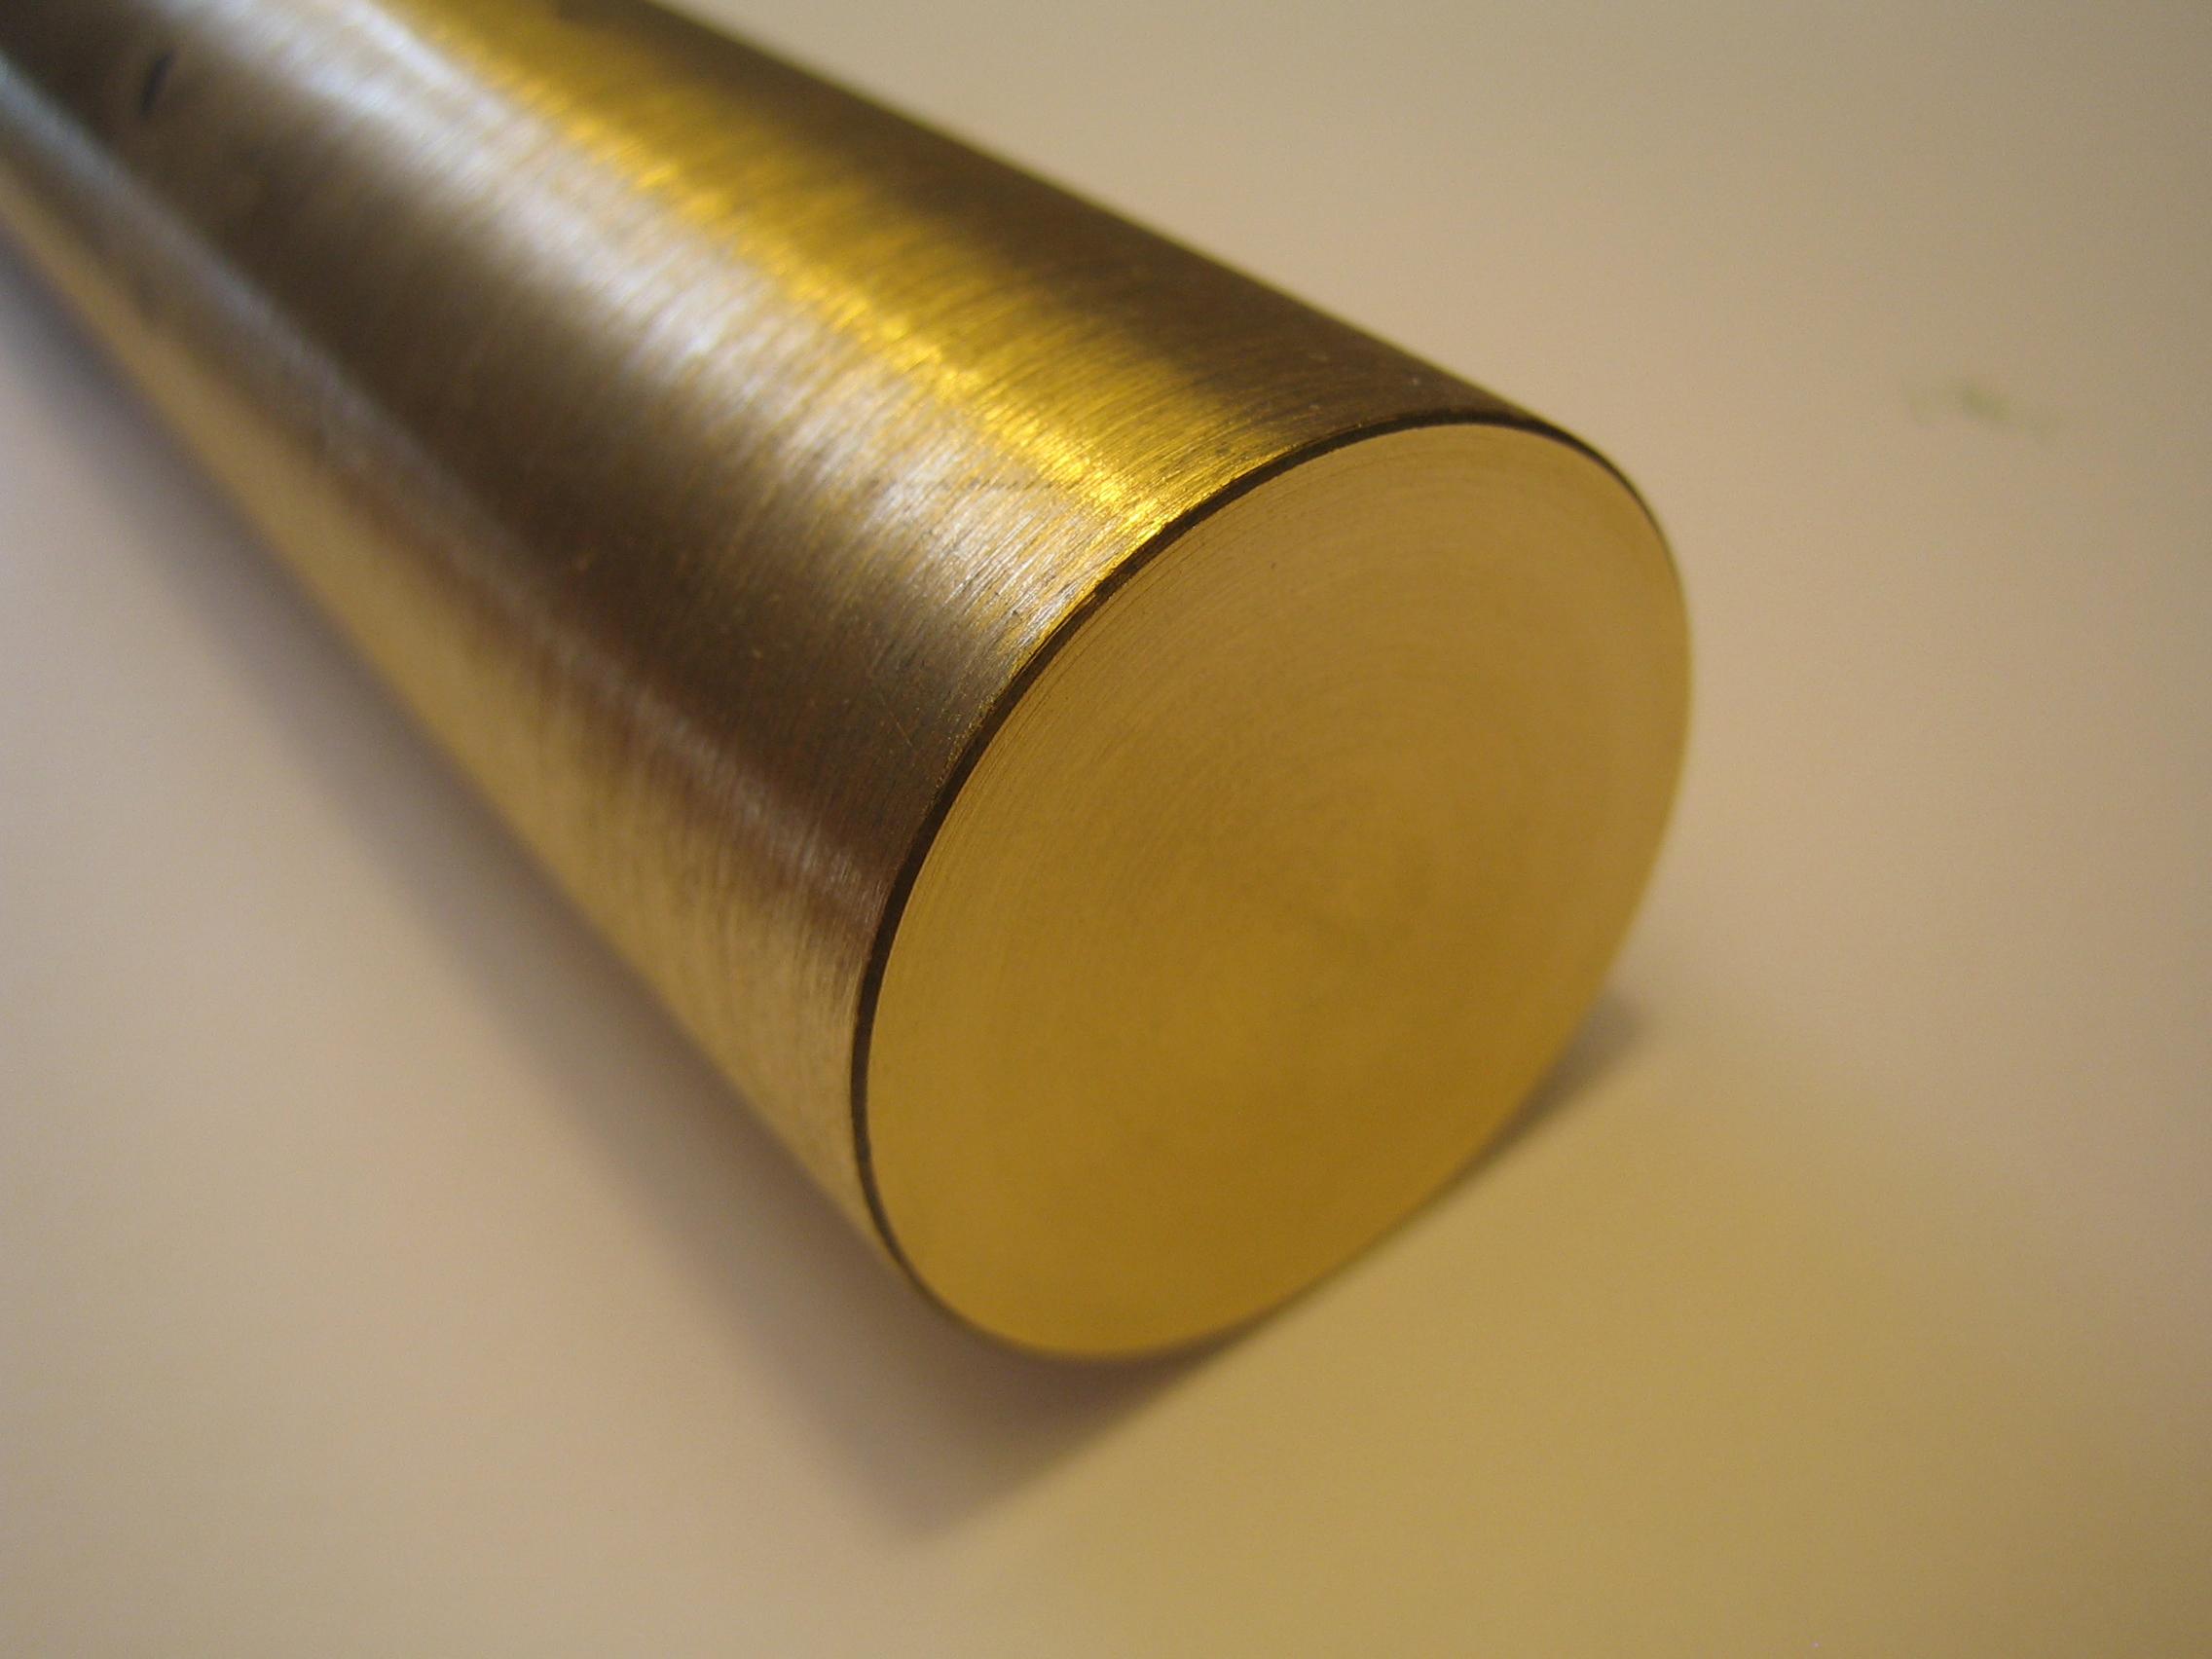 Zuschnitt 250mm lang Messing Rund D = 35mm CUZn 39Pb 3